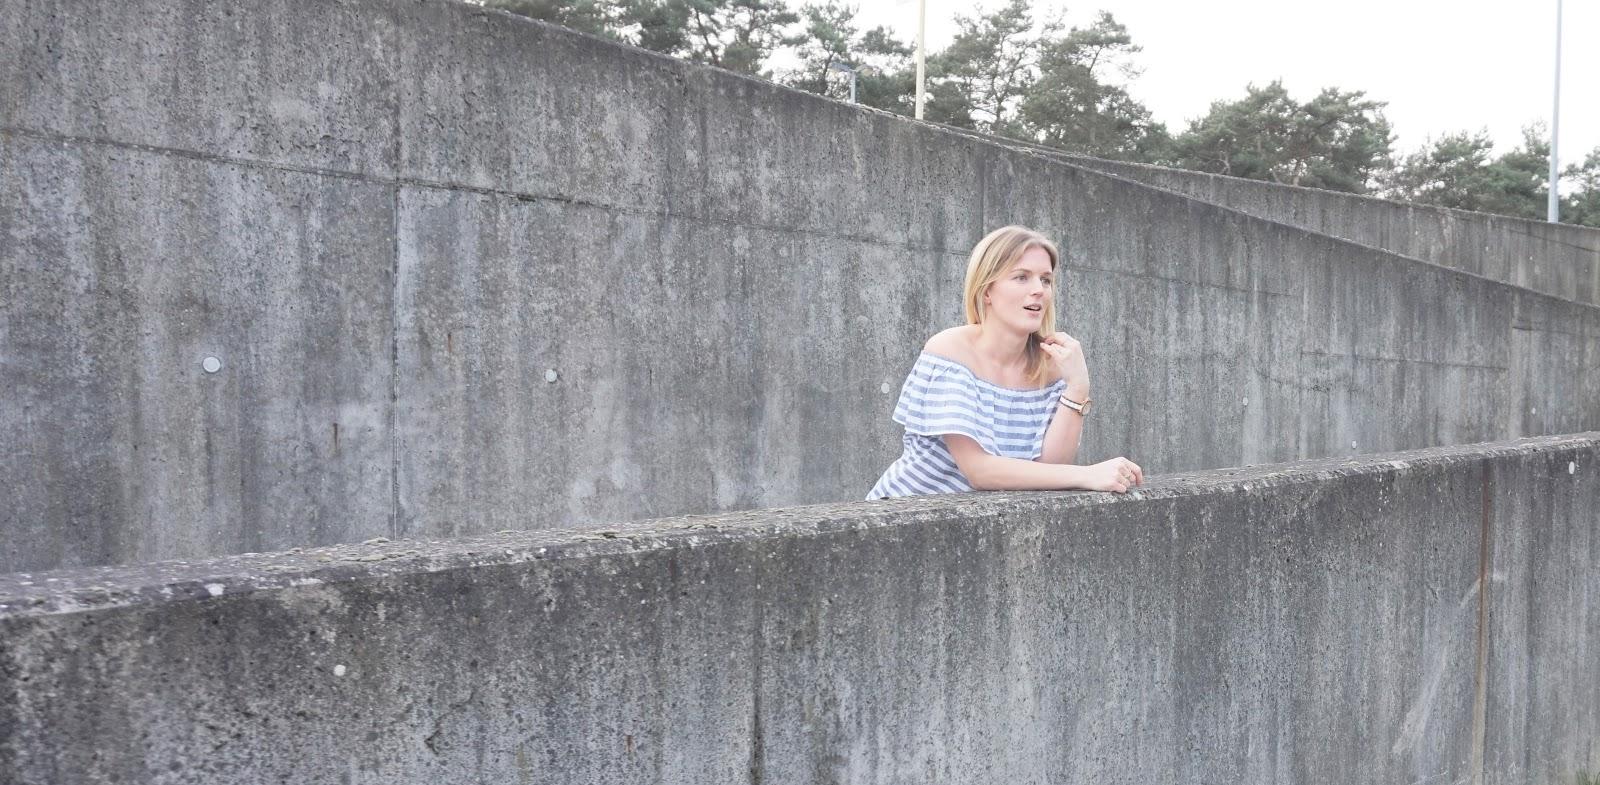 DSC04636 | Eline Van Dingenen